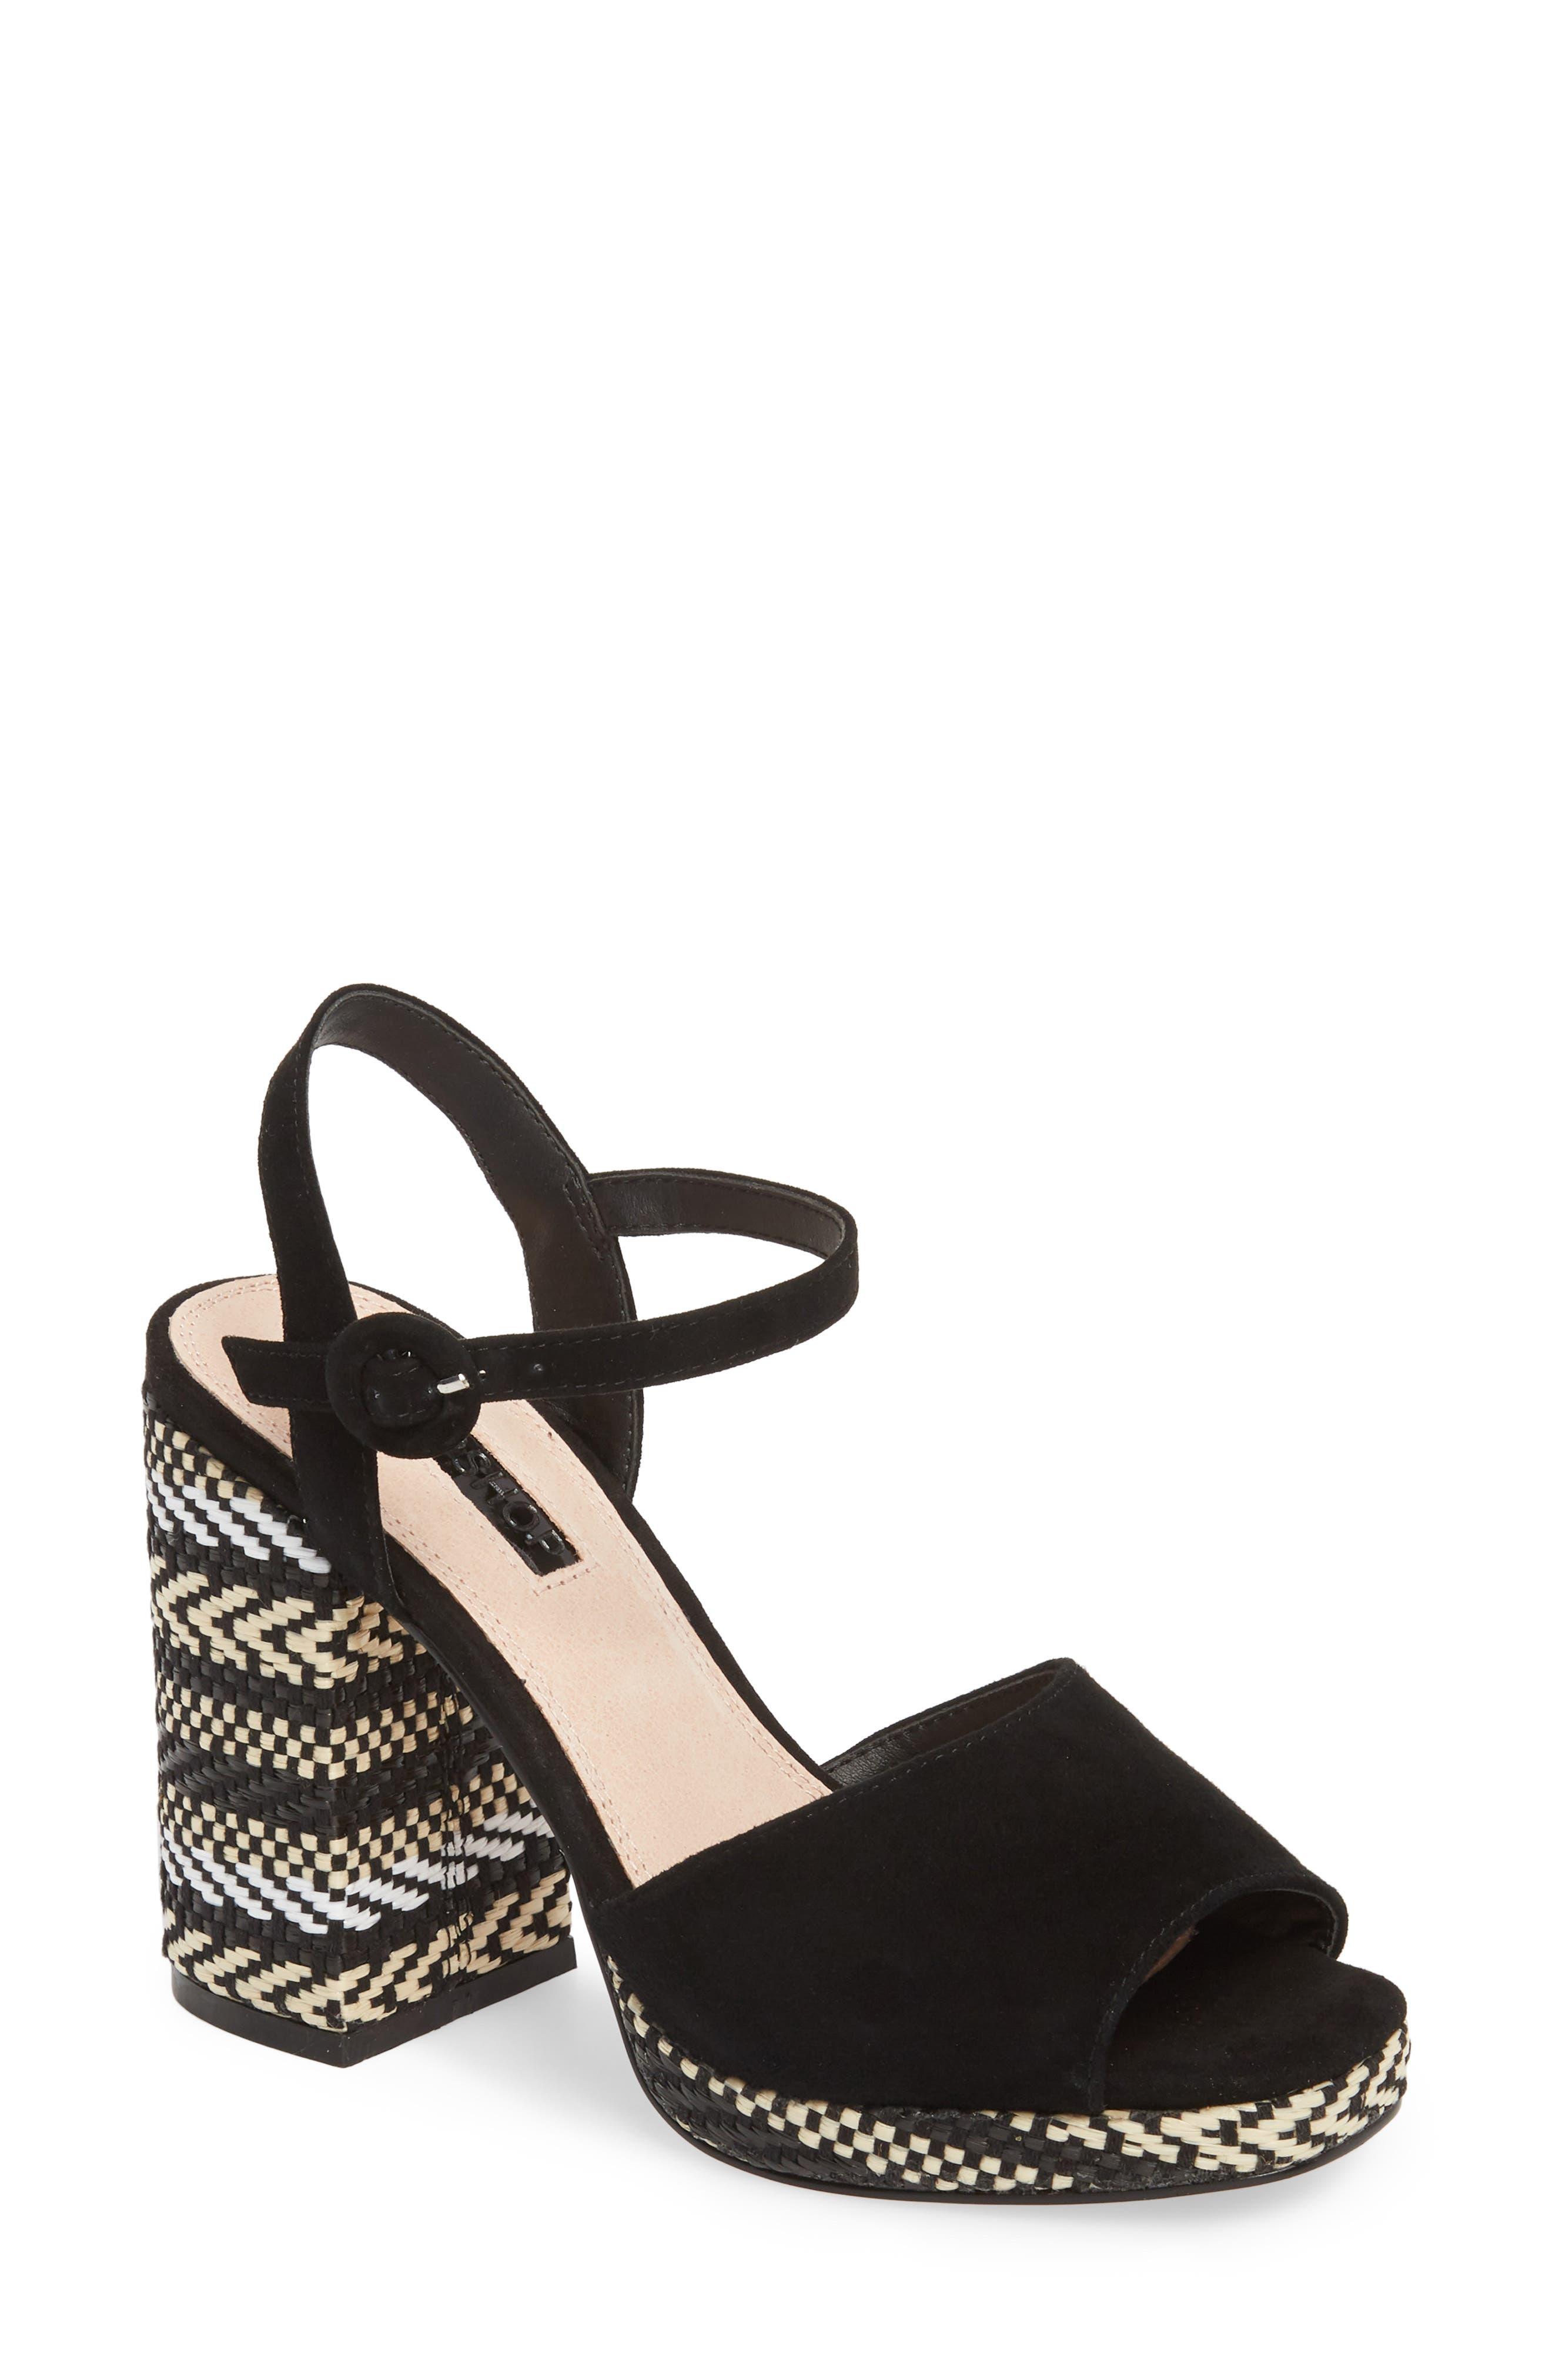 Laura Woven Block Heel Sandal,                         Main,                         color, Black Multi